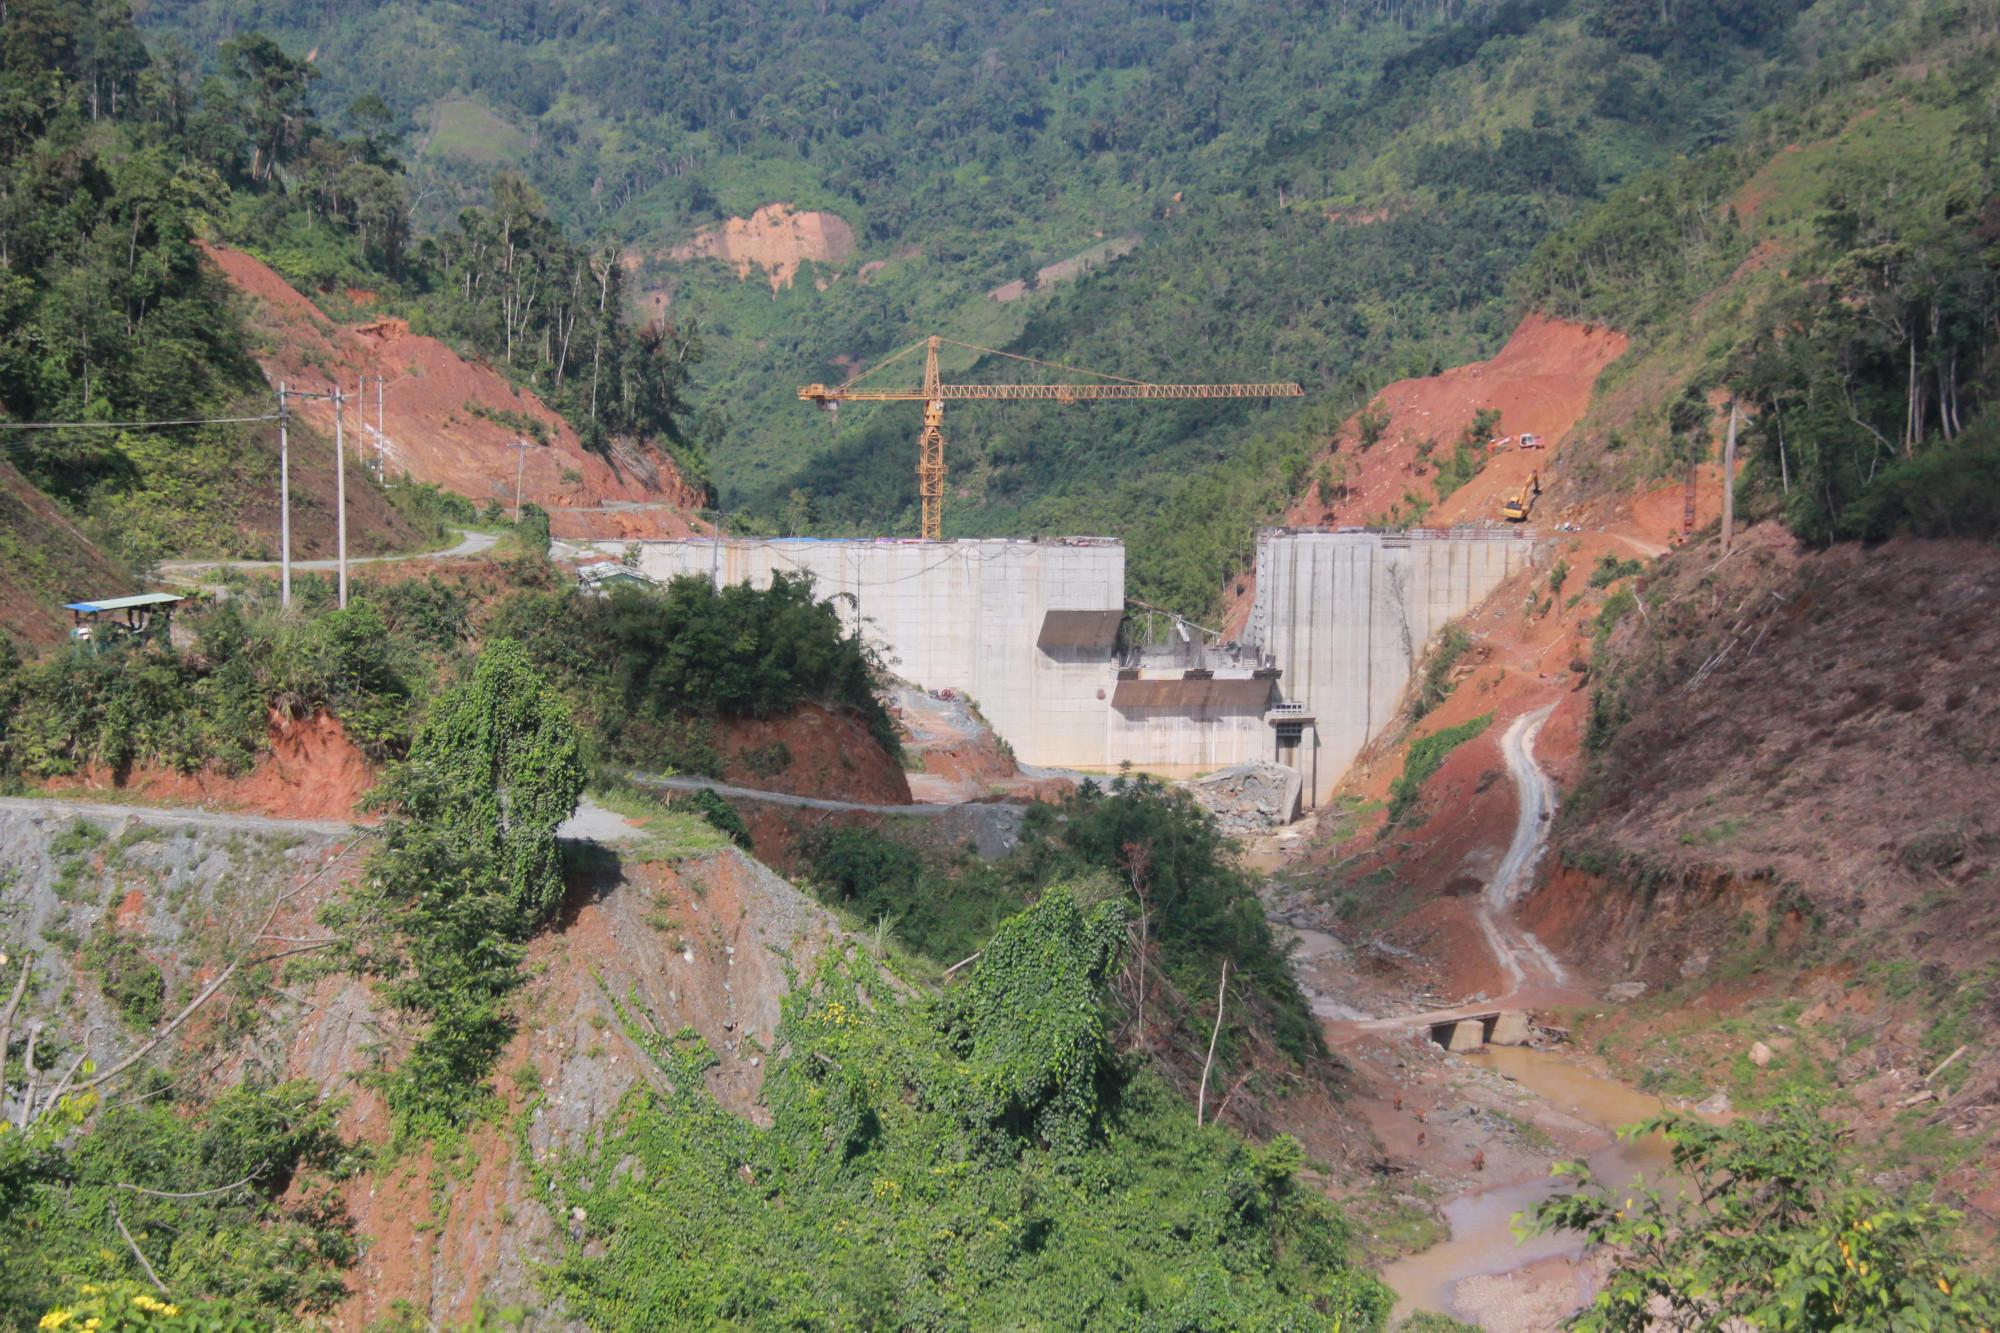 Được cấp phép xây dựng từ năm 2007 nhưng đến hiện tại thủy điện Tr'hy vẫn chưa thể hoàn thành